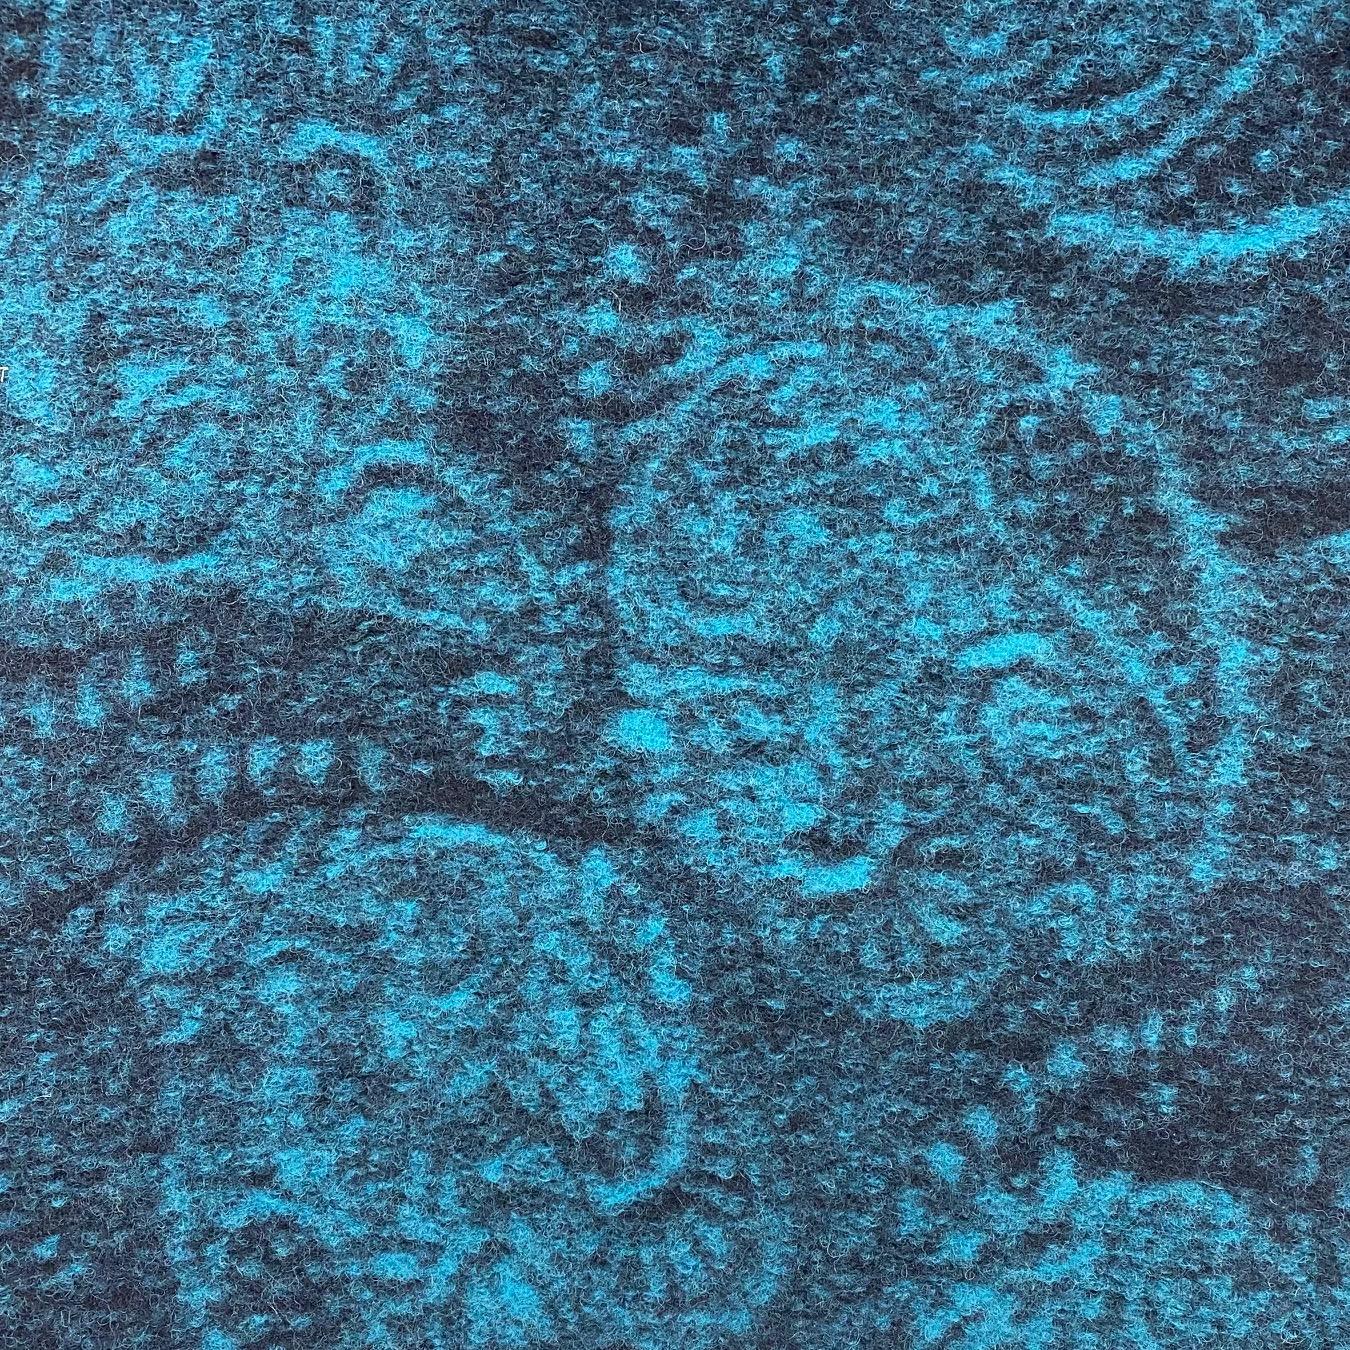 Walkstrick, Wolle gemustert, petrol/grau.  Art. 4721-04